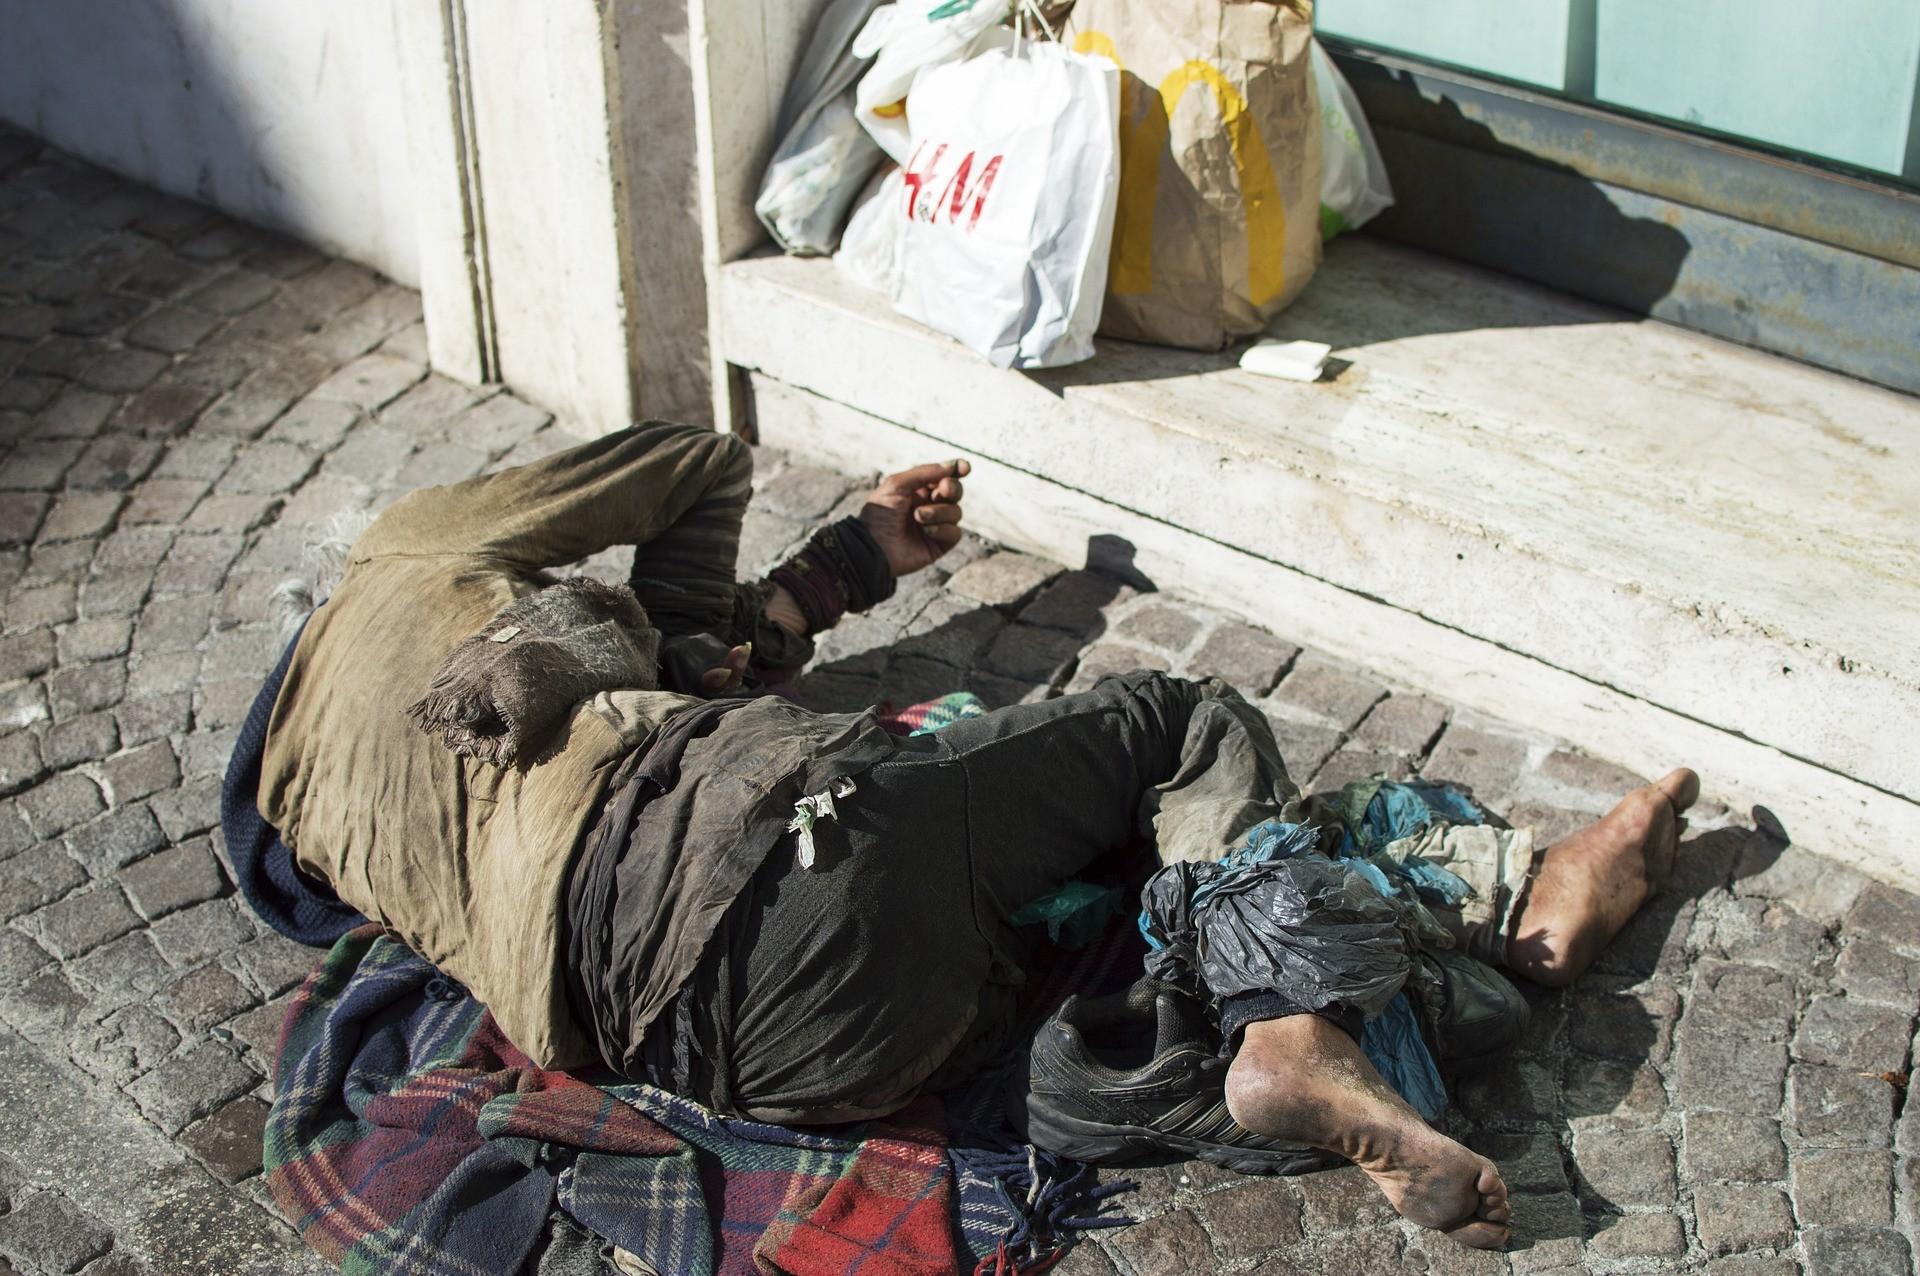 Коронавирус: 15 миллионов евро в ваучерах получат бездомные.